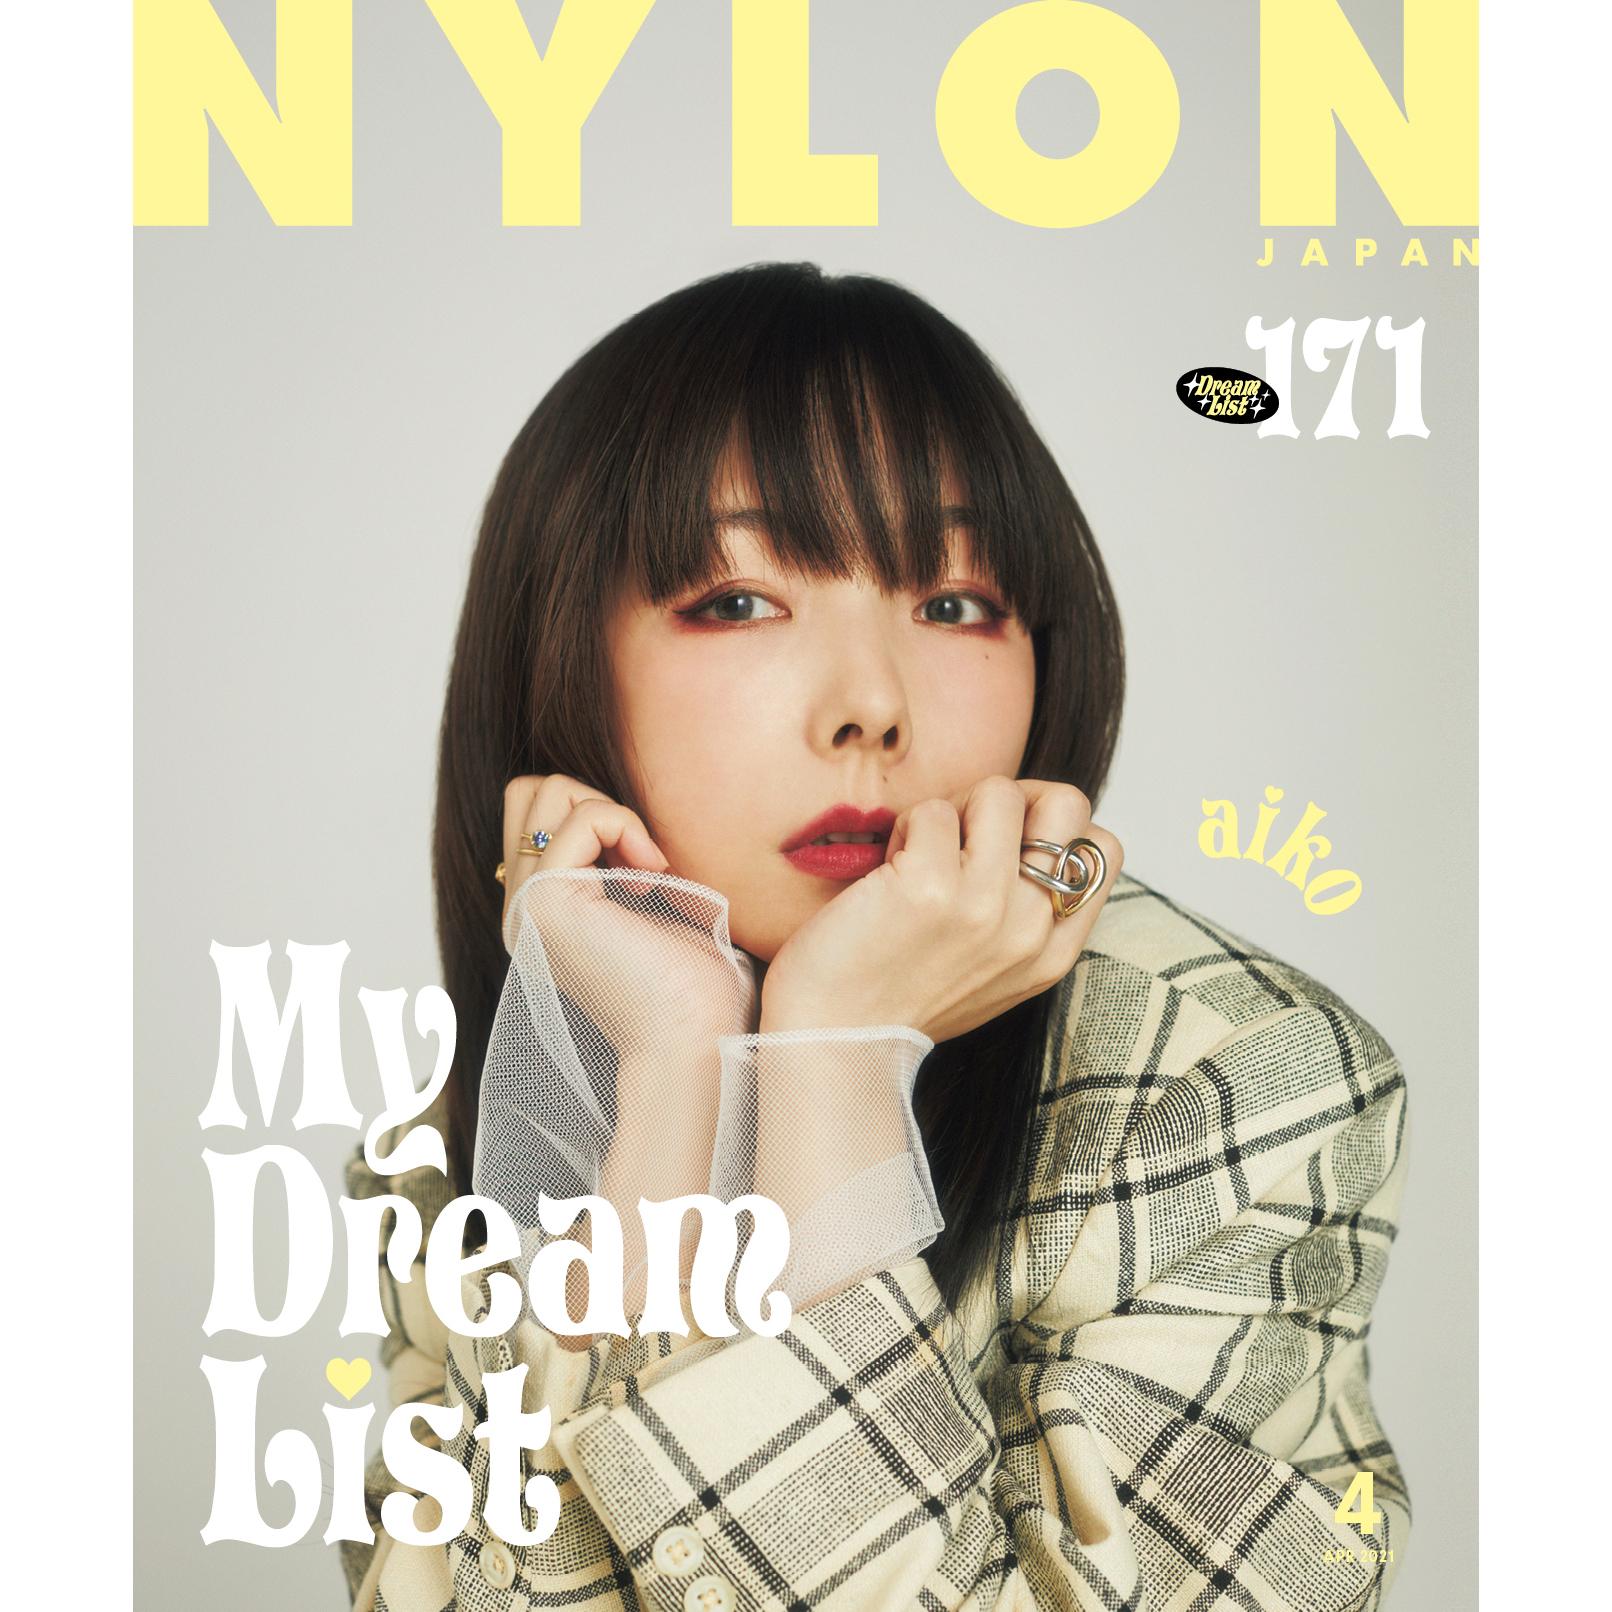 国民的superシンガーソングライター《aiko》がNYLON JAPANのカバーガールに! guys表紙は《THE RAMPAGE from EXILE TRIBE》が初登場! 特別付録に両面ミニフォトカード!